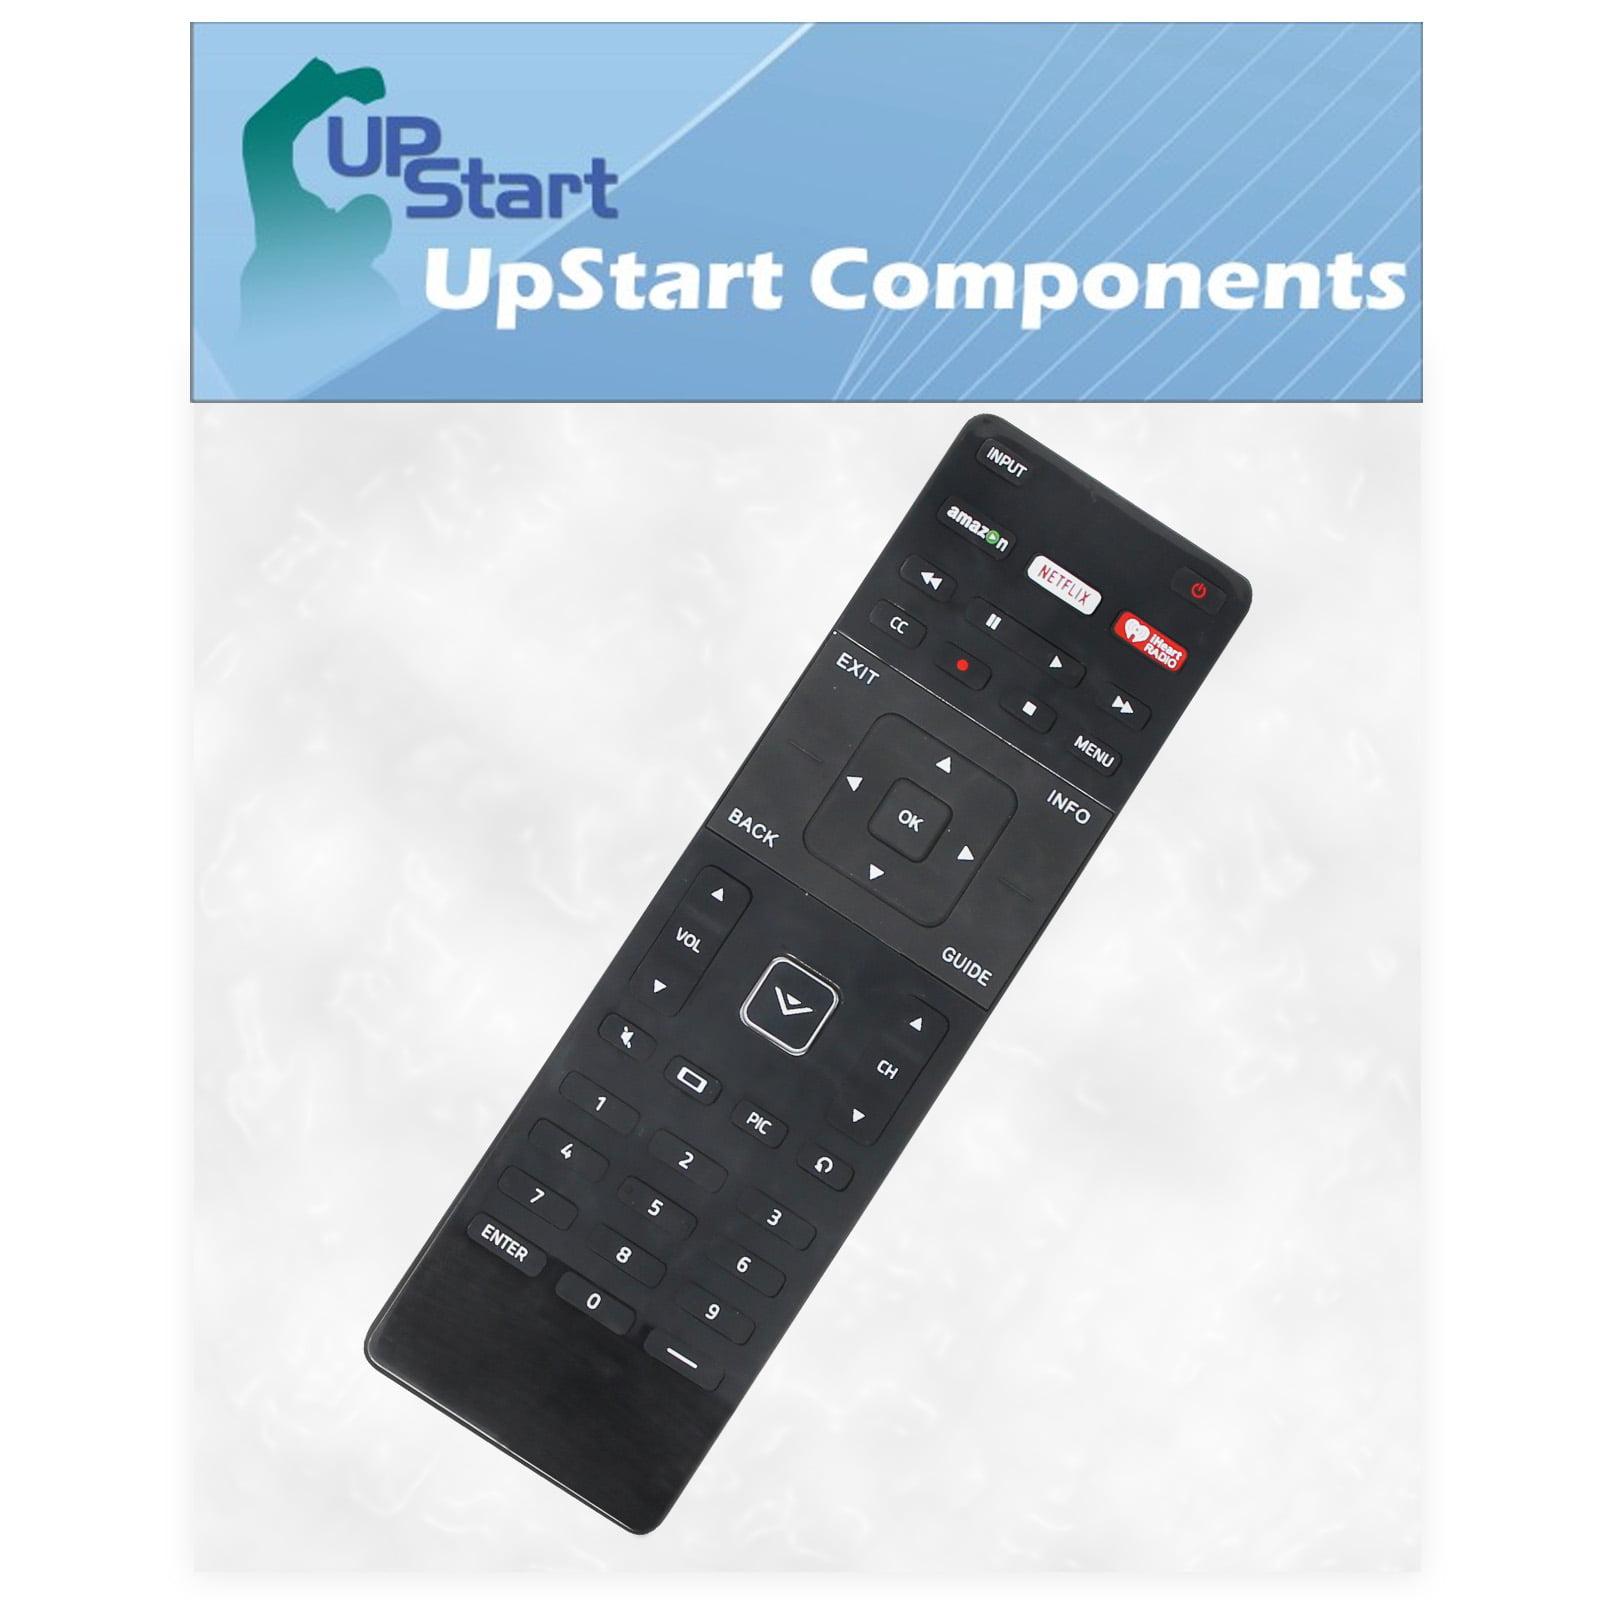 2-Pack Replacement E40173-C2 Smart TV Remote Control for VIZIO TV - Compatible with XRT160 VIZIO TV Remote Control - image 2 of 3